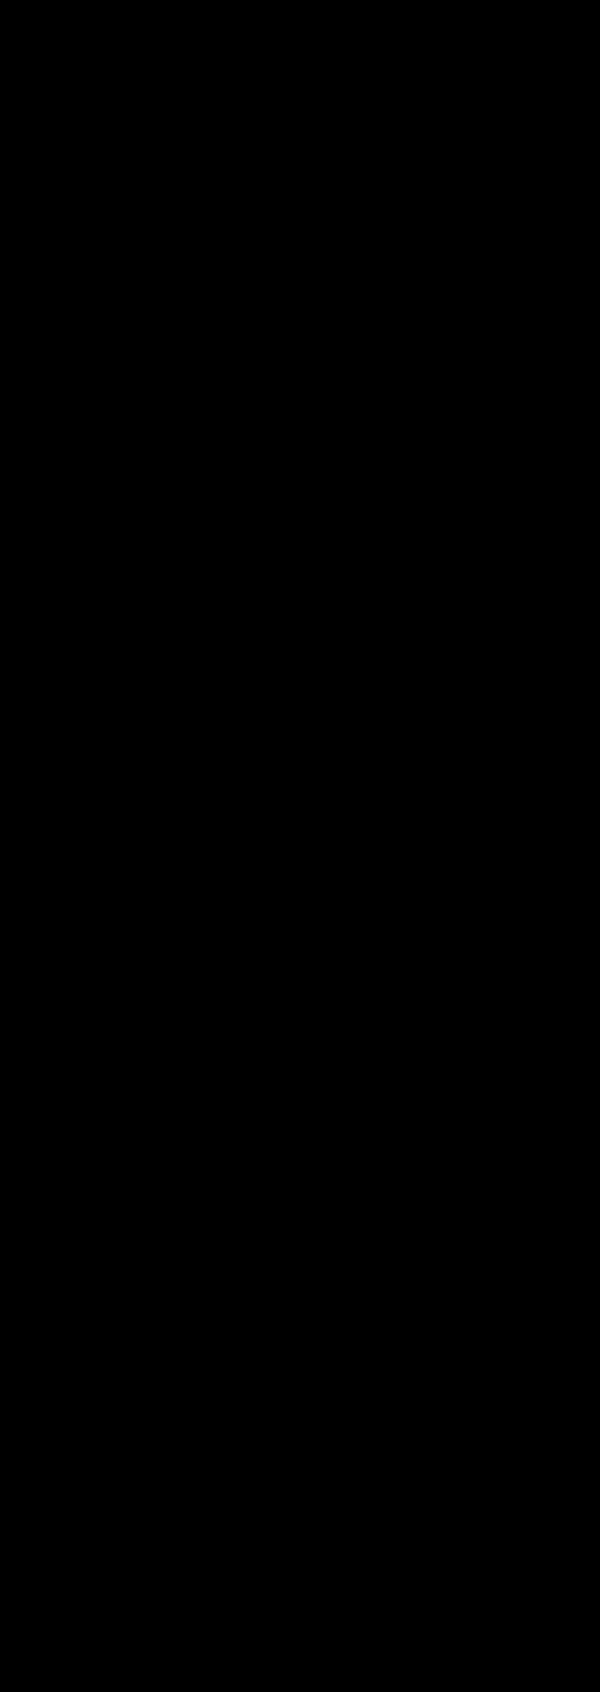 Panda free images guitarclipartoutline. Clipart guitar outline